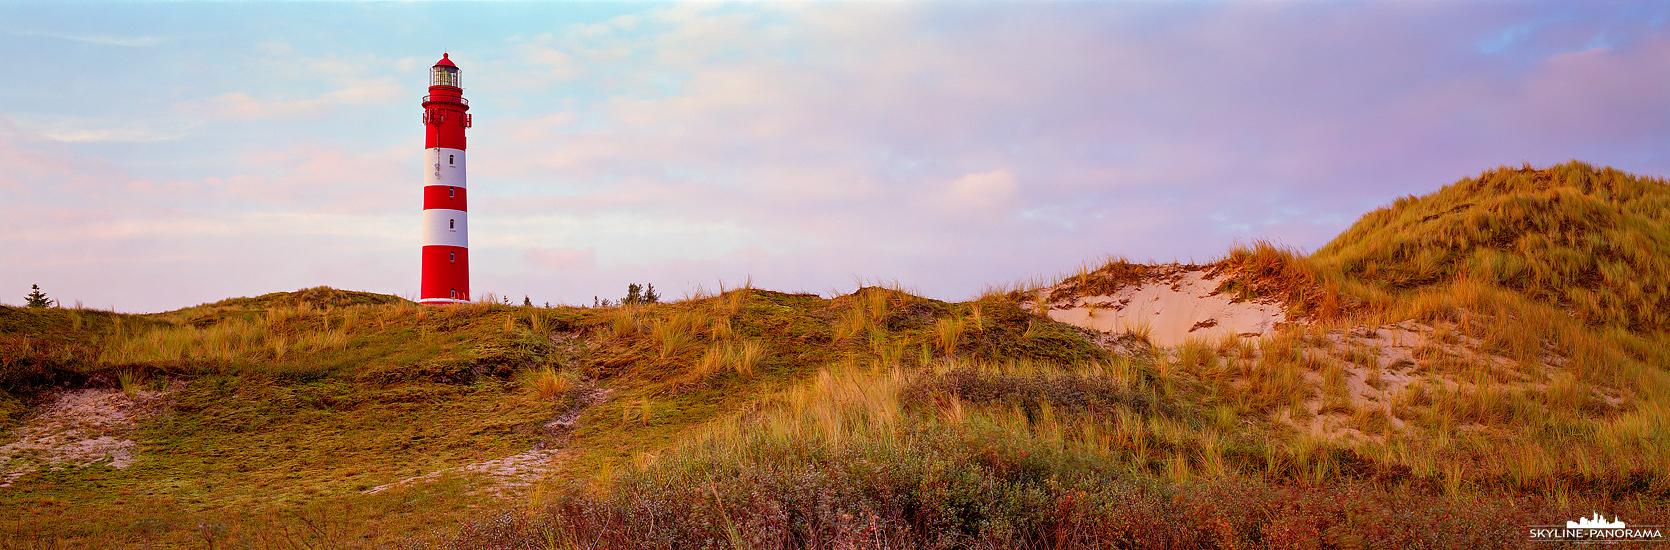 6x17 Panorama Insel Amrum - Der historische Leuchtturm von Nebel auf der nordfriesischen Insel Amrum mit dem sanften Licht der untergehenden Sonne.